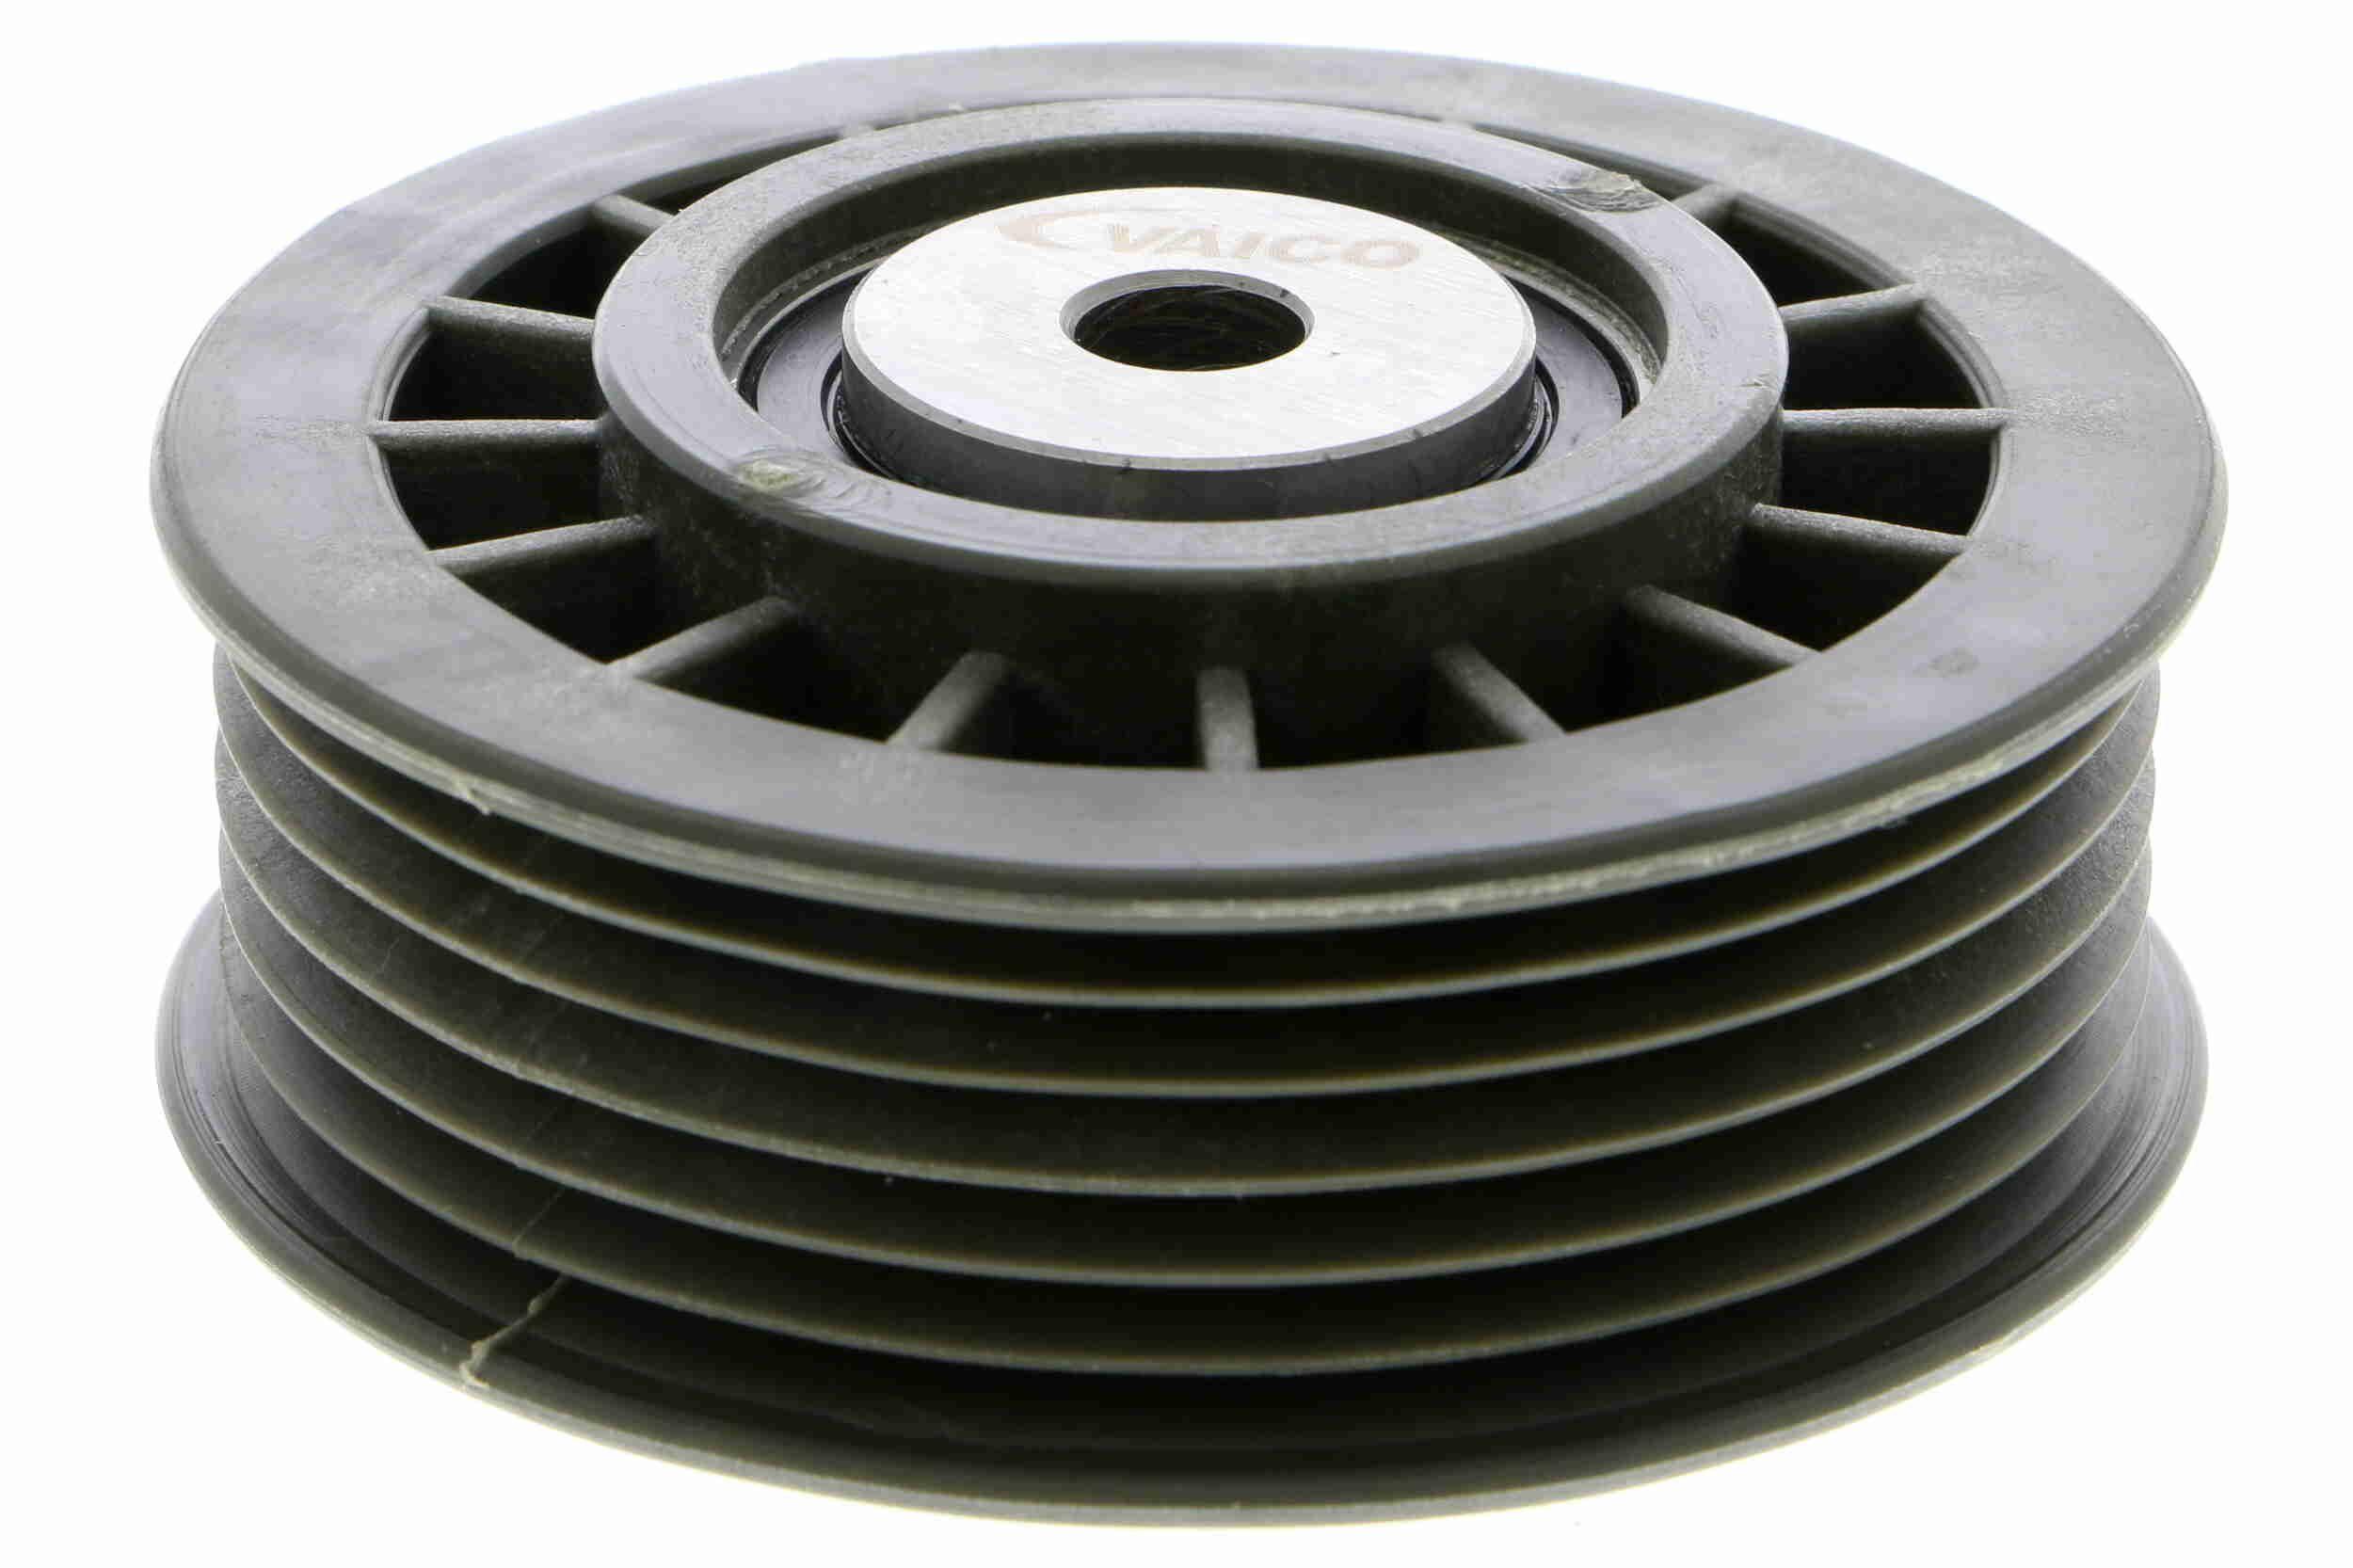 Achat de V30-0131-1 VAICO Qualité VAICO originale Ø: 70mm, Ø: 70mm, Ø: 70mm Poulie renvoi / transmission, courroie trapézoïdale à nervures V30-0131-1 pas chères